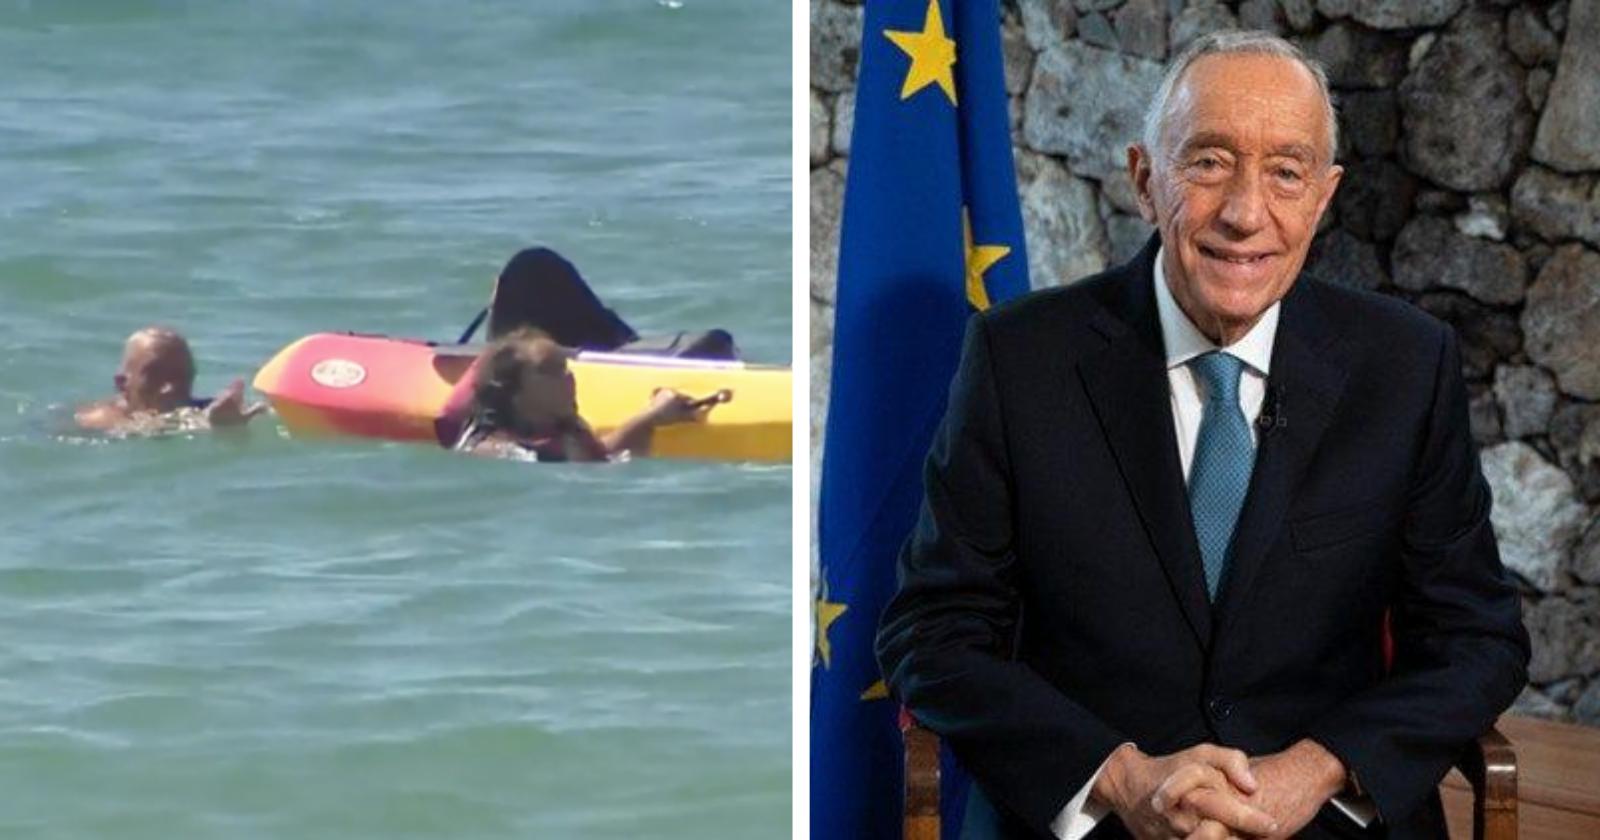 VÍDEO: Presidente de Portugal pula no mar e faz ato heroico para ajudar garotas que se afogavam